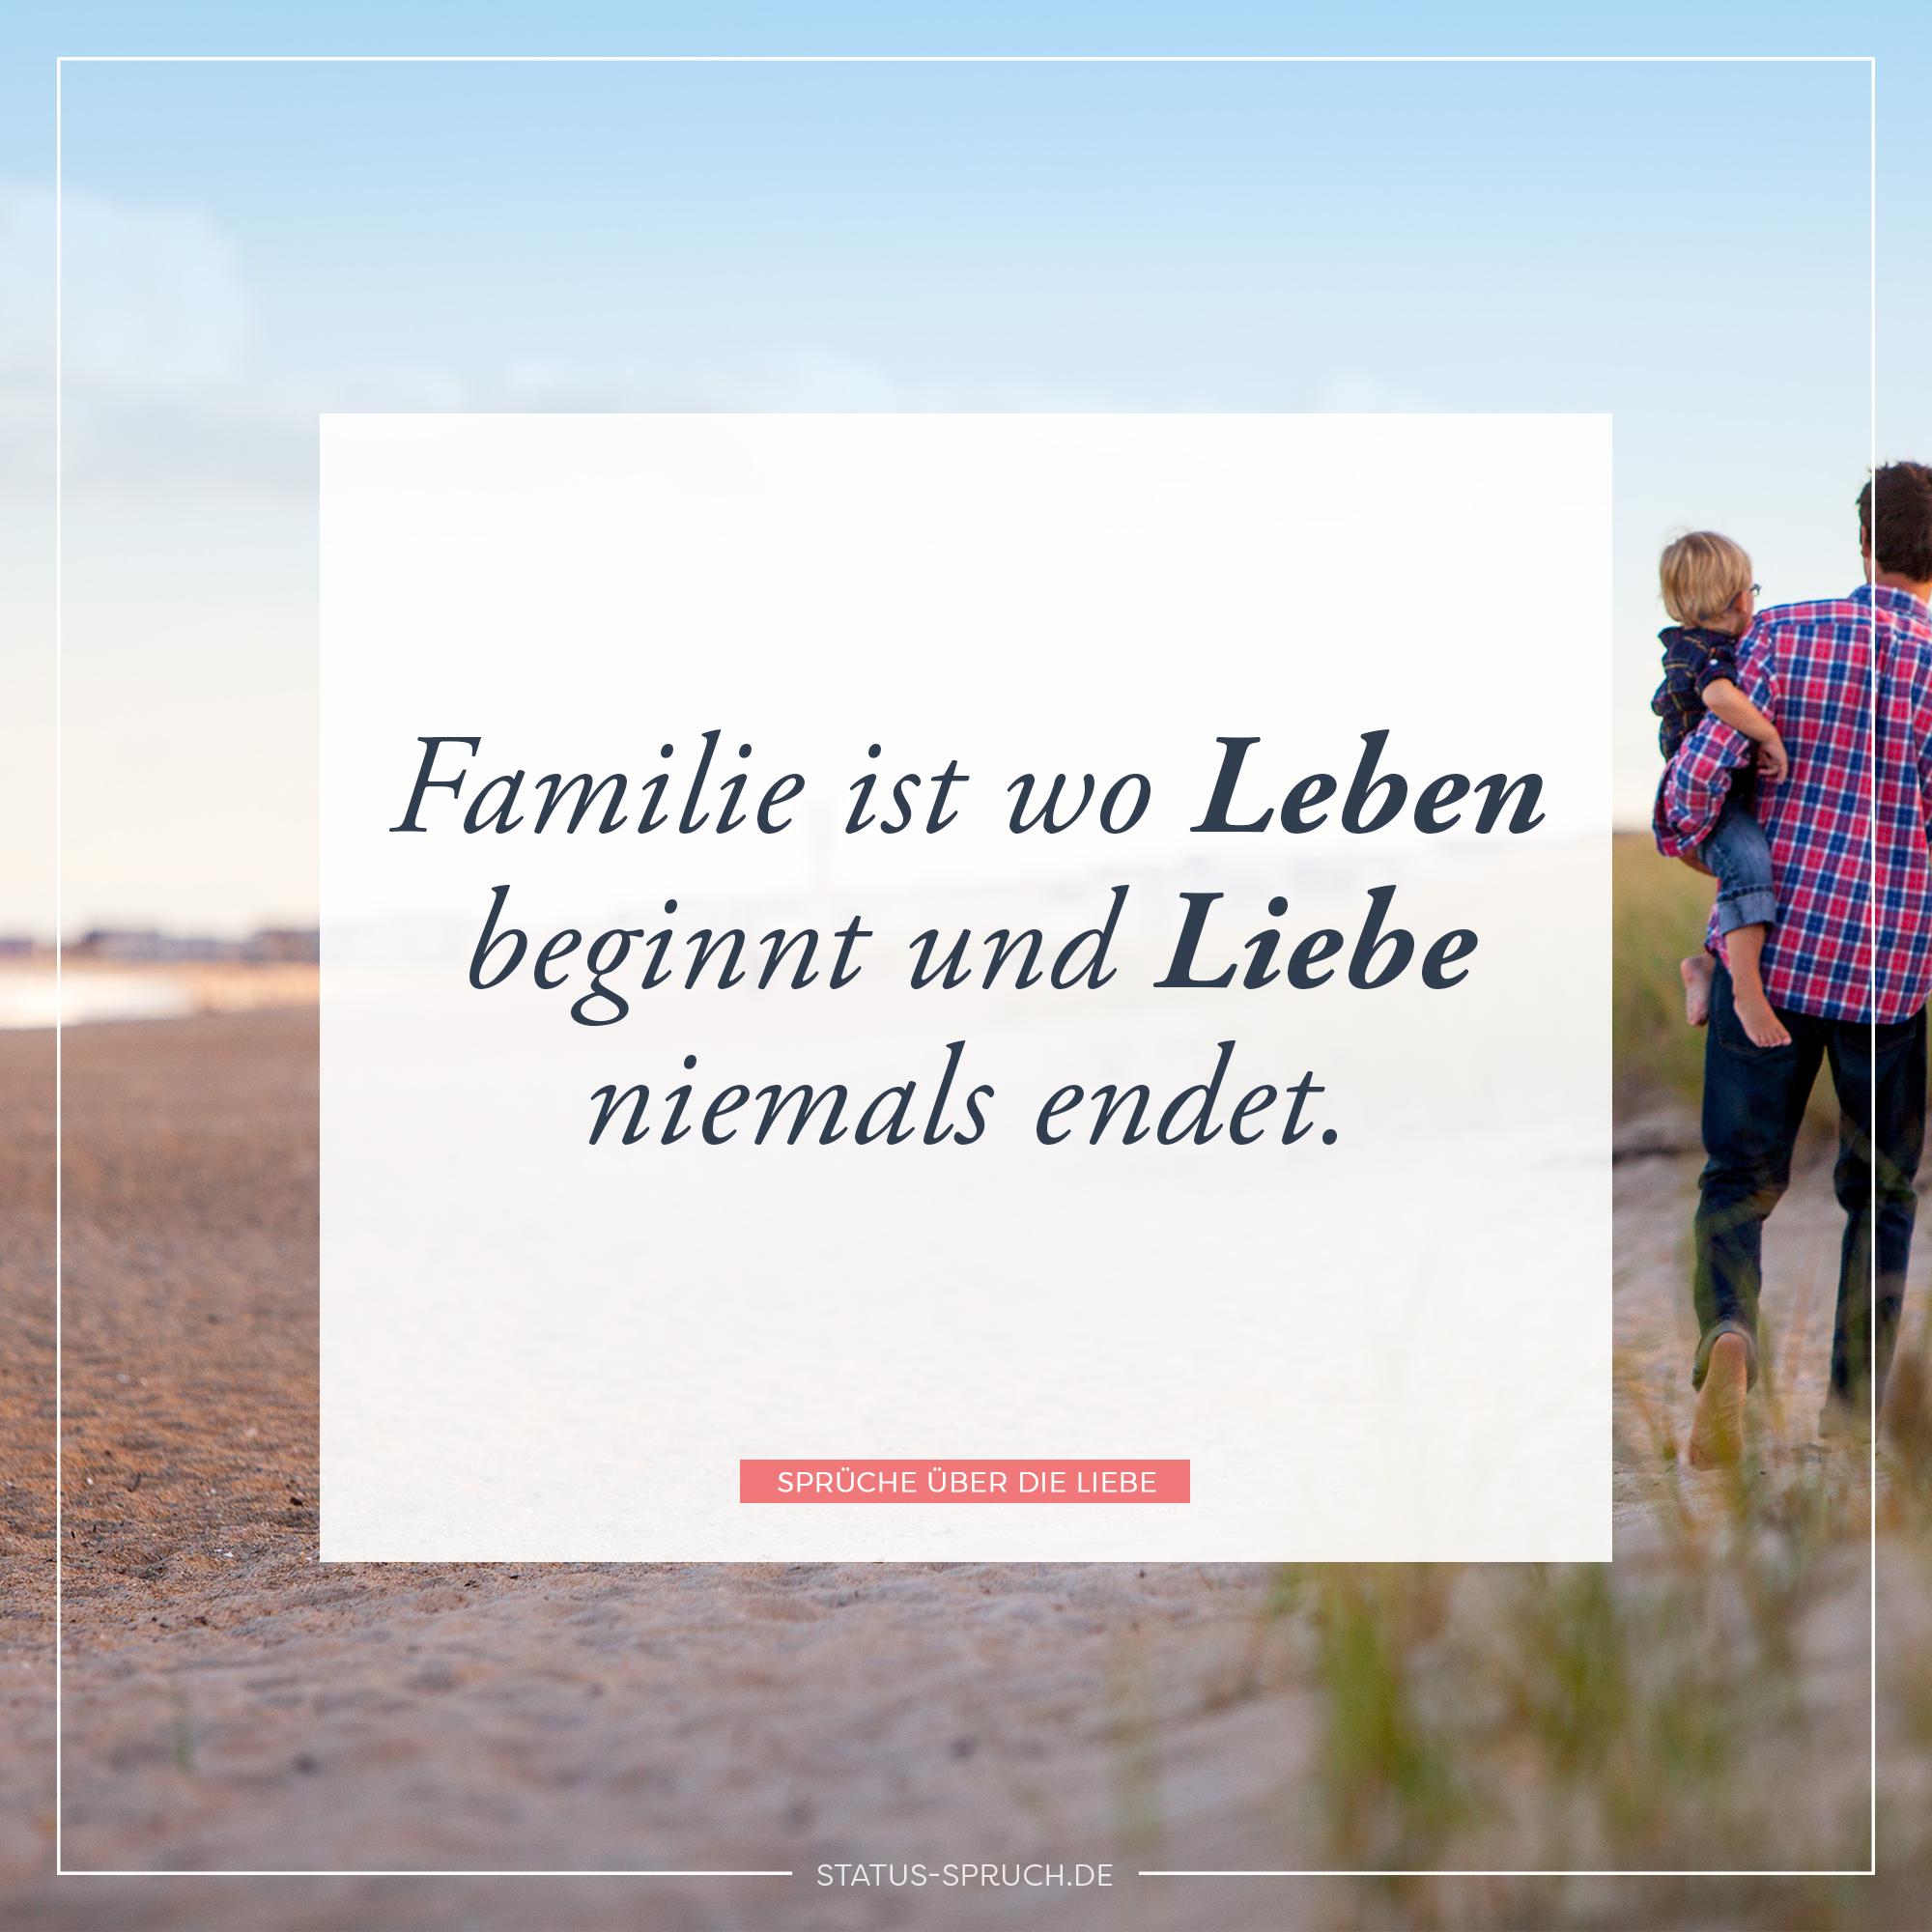 Familie ist wo leben beginnt und liebe niemals endet for Minimalistisch leben mit familie